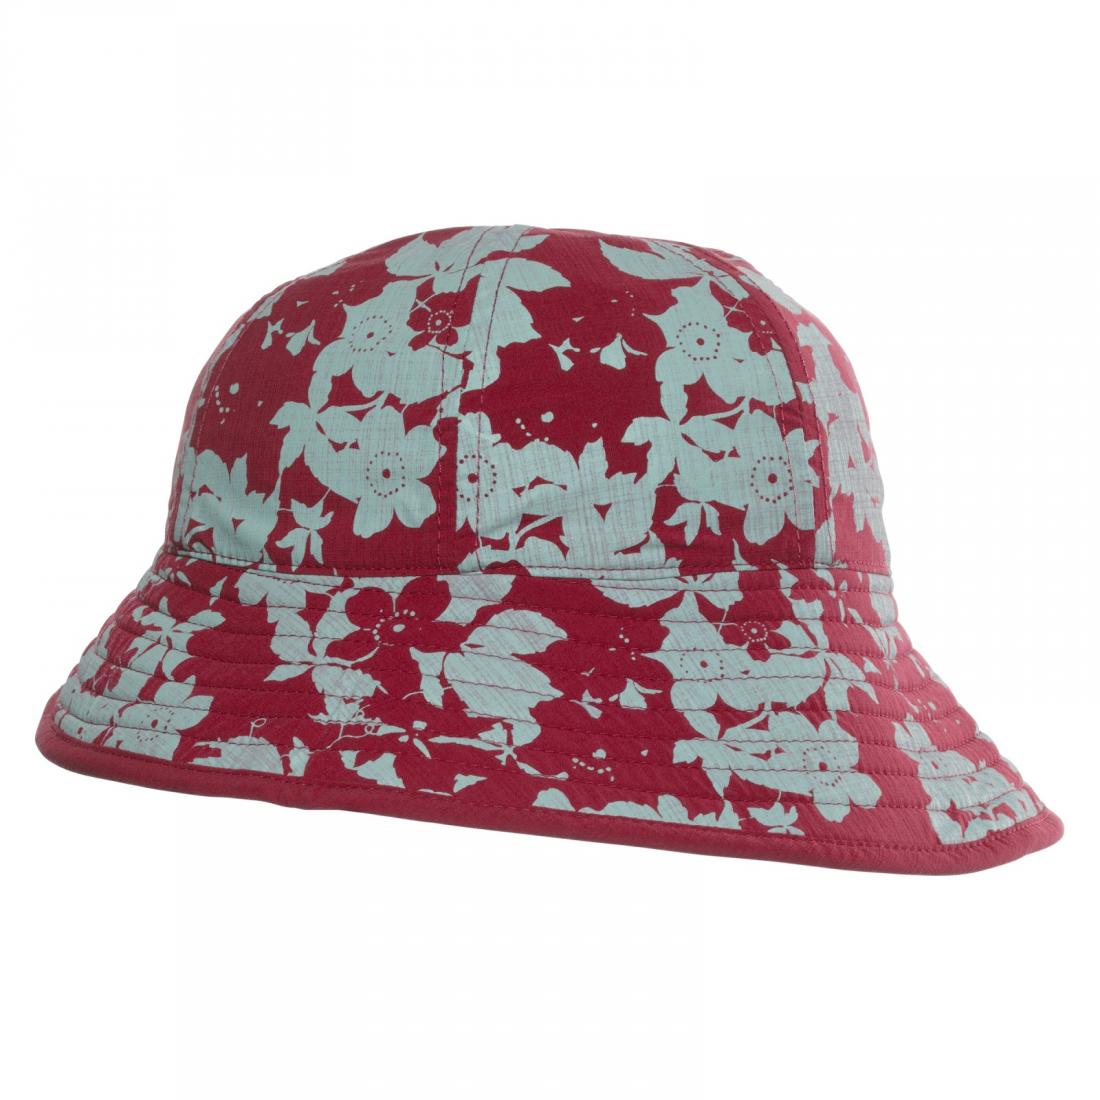 Панама Chaos  Summit Beach Hat (женс)Панамы<br><br> Элегантная женская панама Summit Beach Hat — это отличный пляжный вариант от Chaos. В ней можно не беспокоиться о том, что жаркое солнце напечет голову. Благодаря оригинальному дизайну эта модель станет ярким дополнением образа.<br><br><br>Б...<br><br>Цвет: Красный<br>Размер: S/M